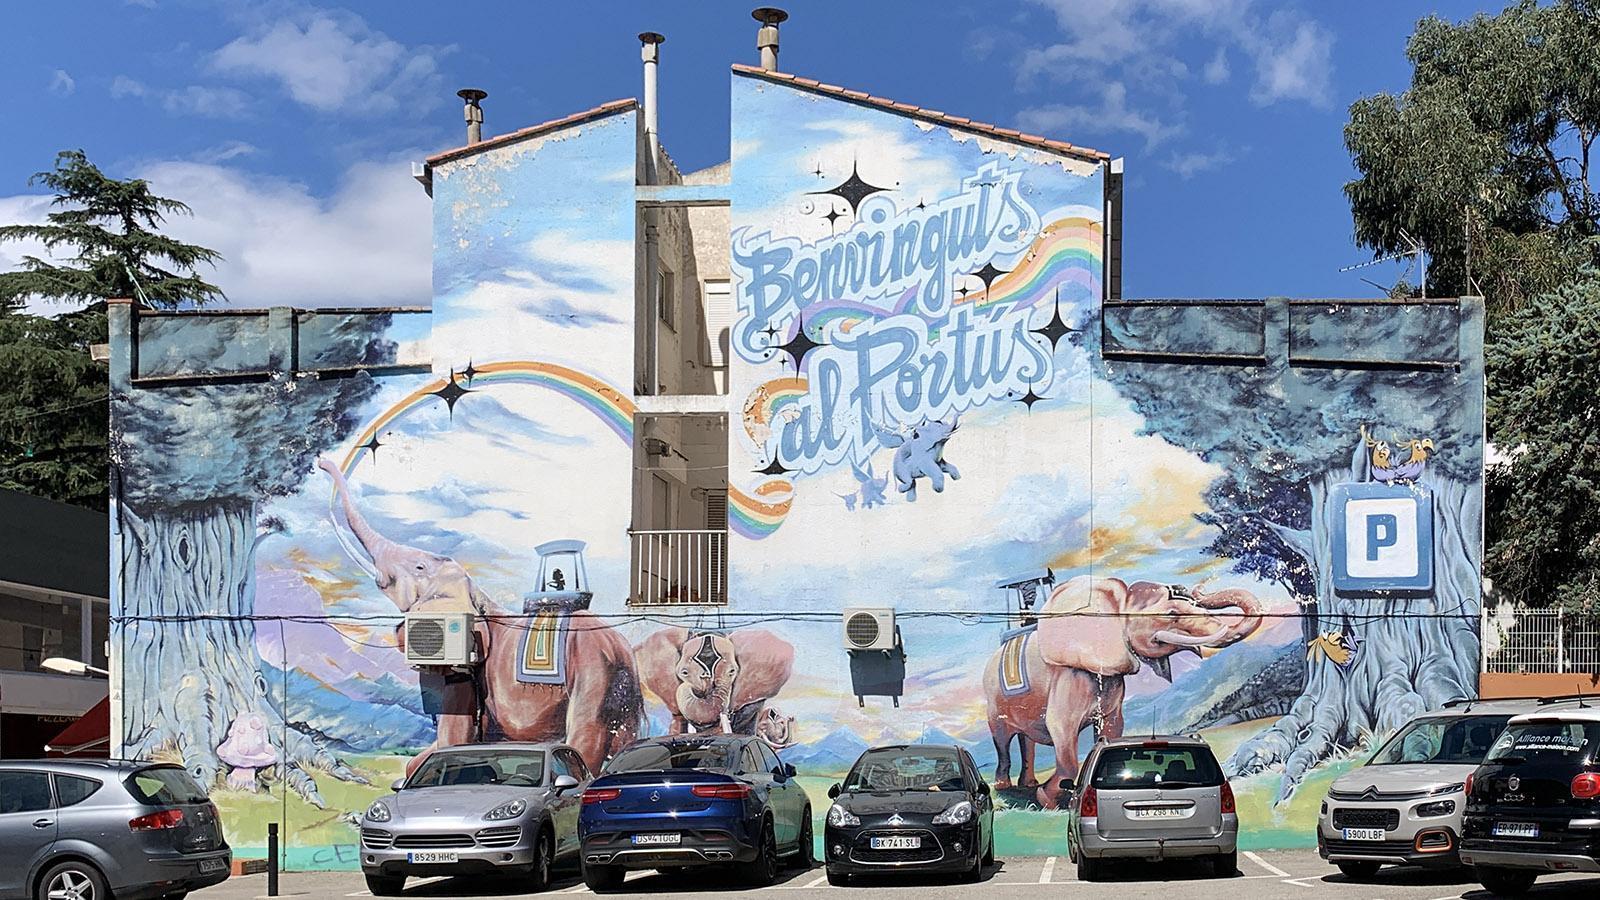 Wandbild im <em>Quartier Espagnol</em> von Le Perthus. Foto: Hilke Maunder